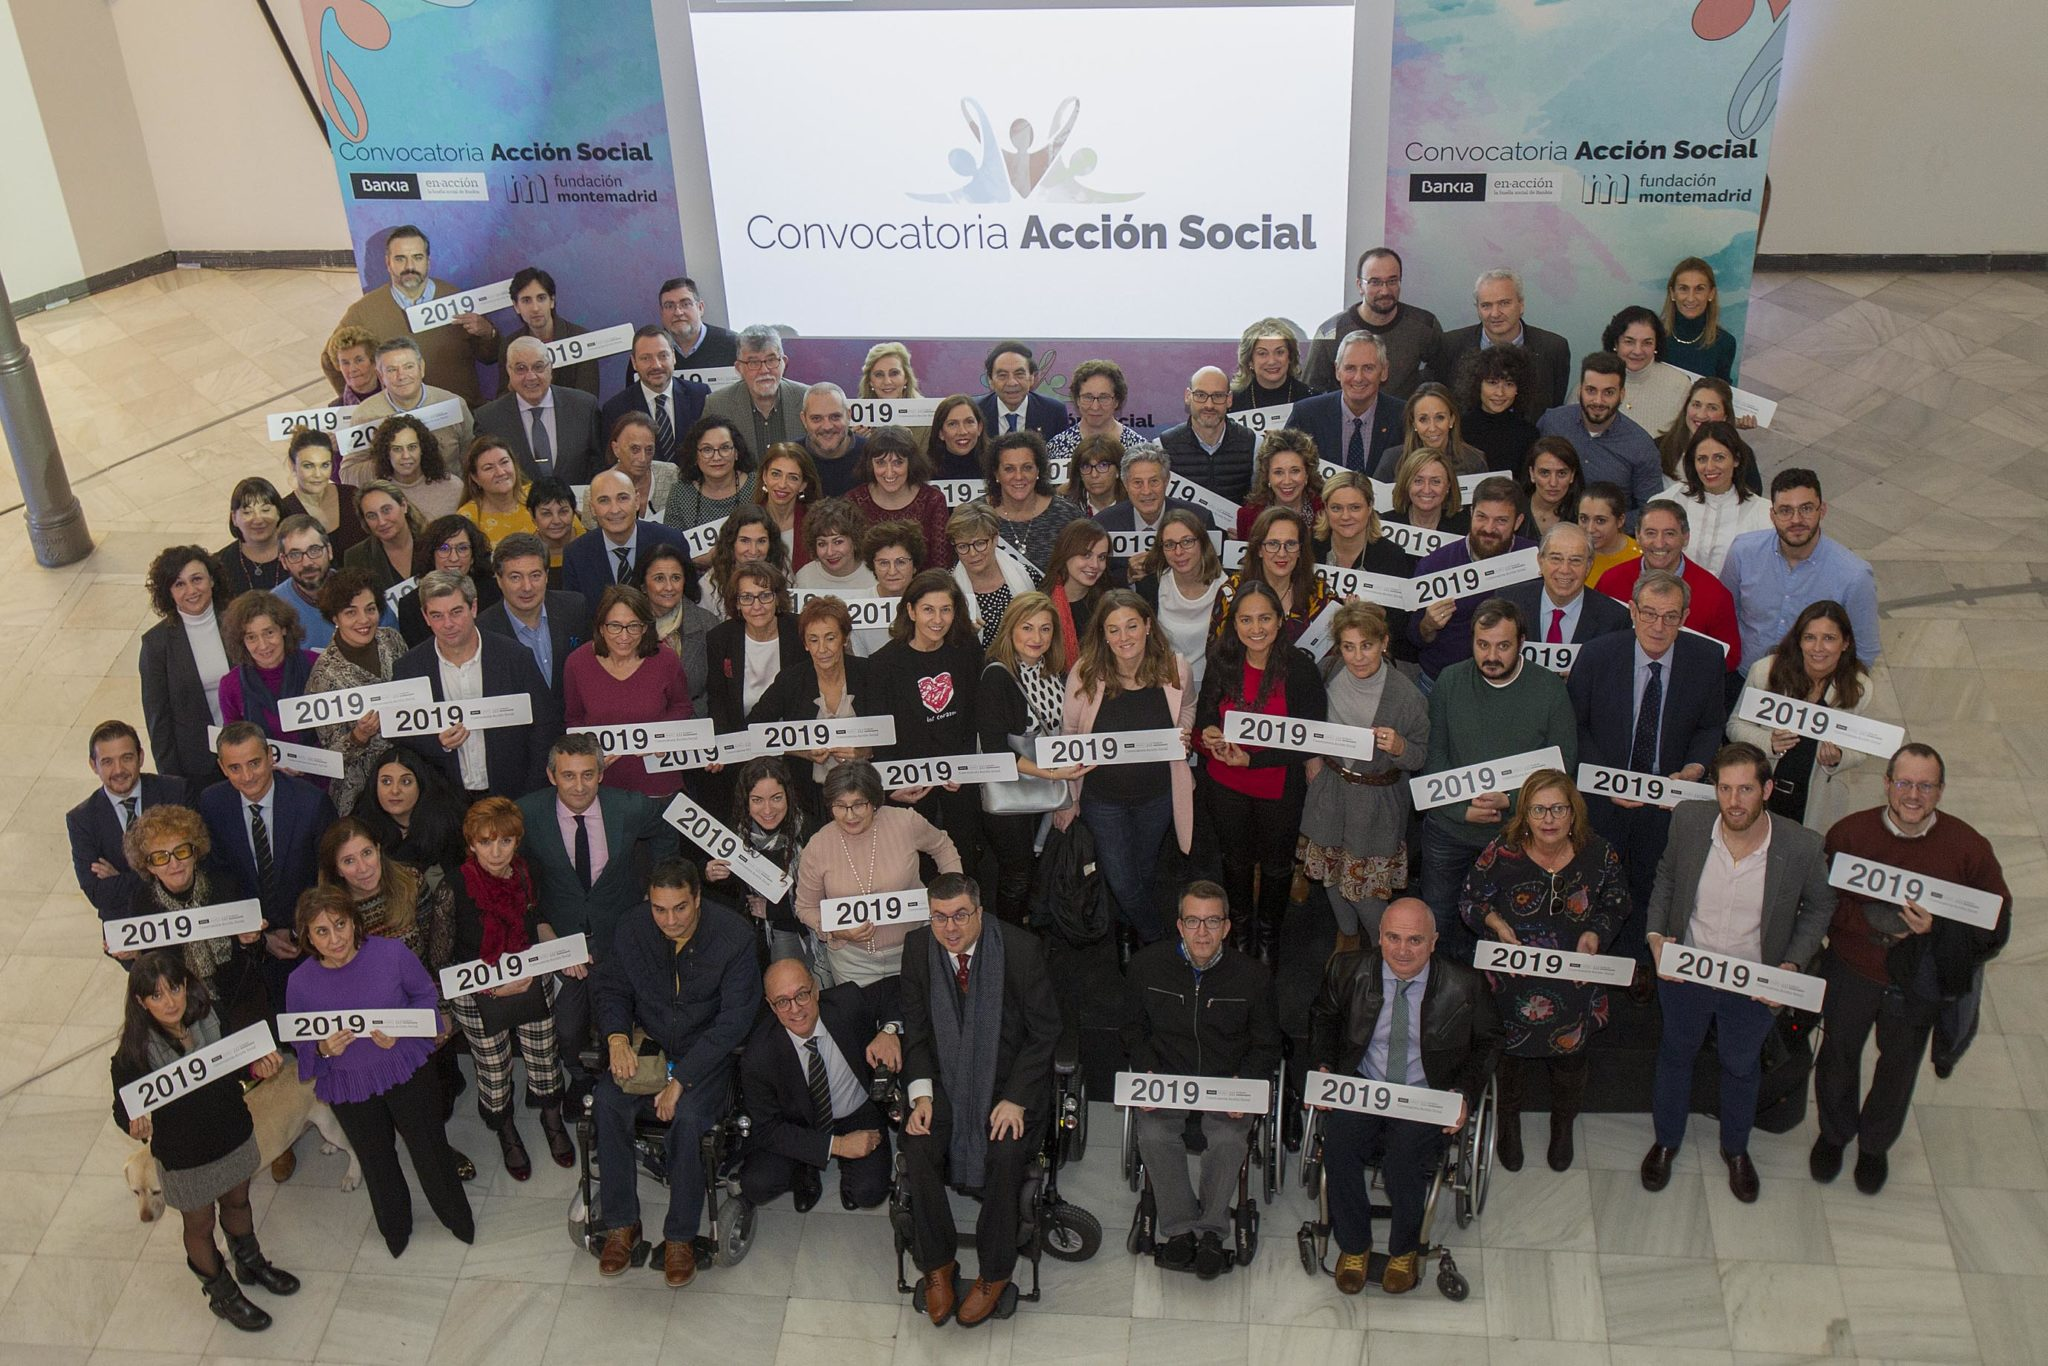 Renovamos el convenio de ayudas de Bankia y Fundación Montemadrid